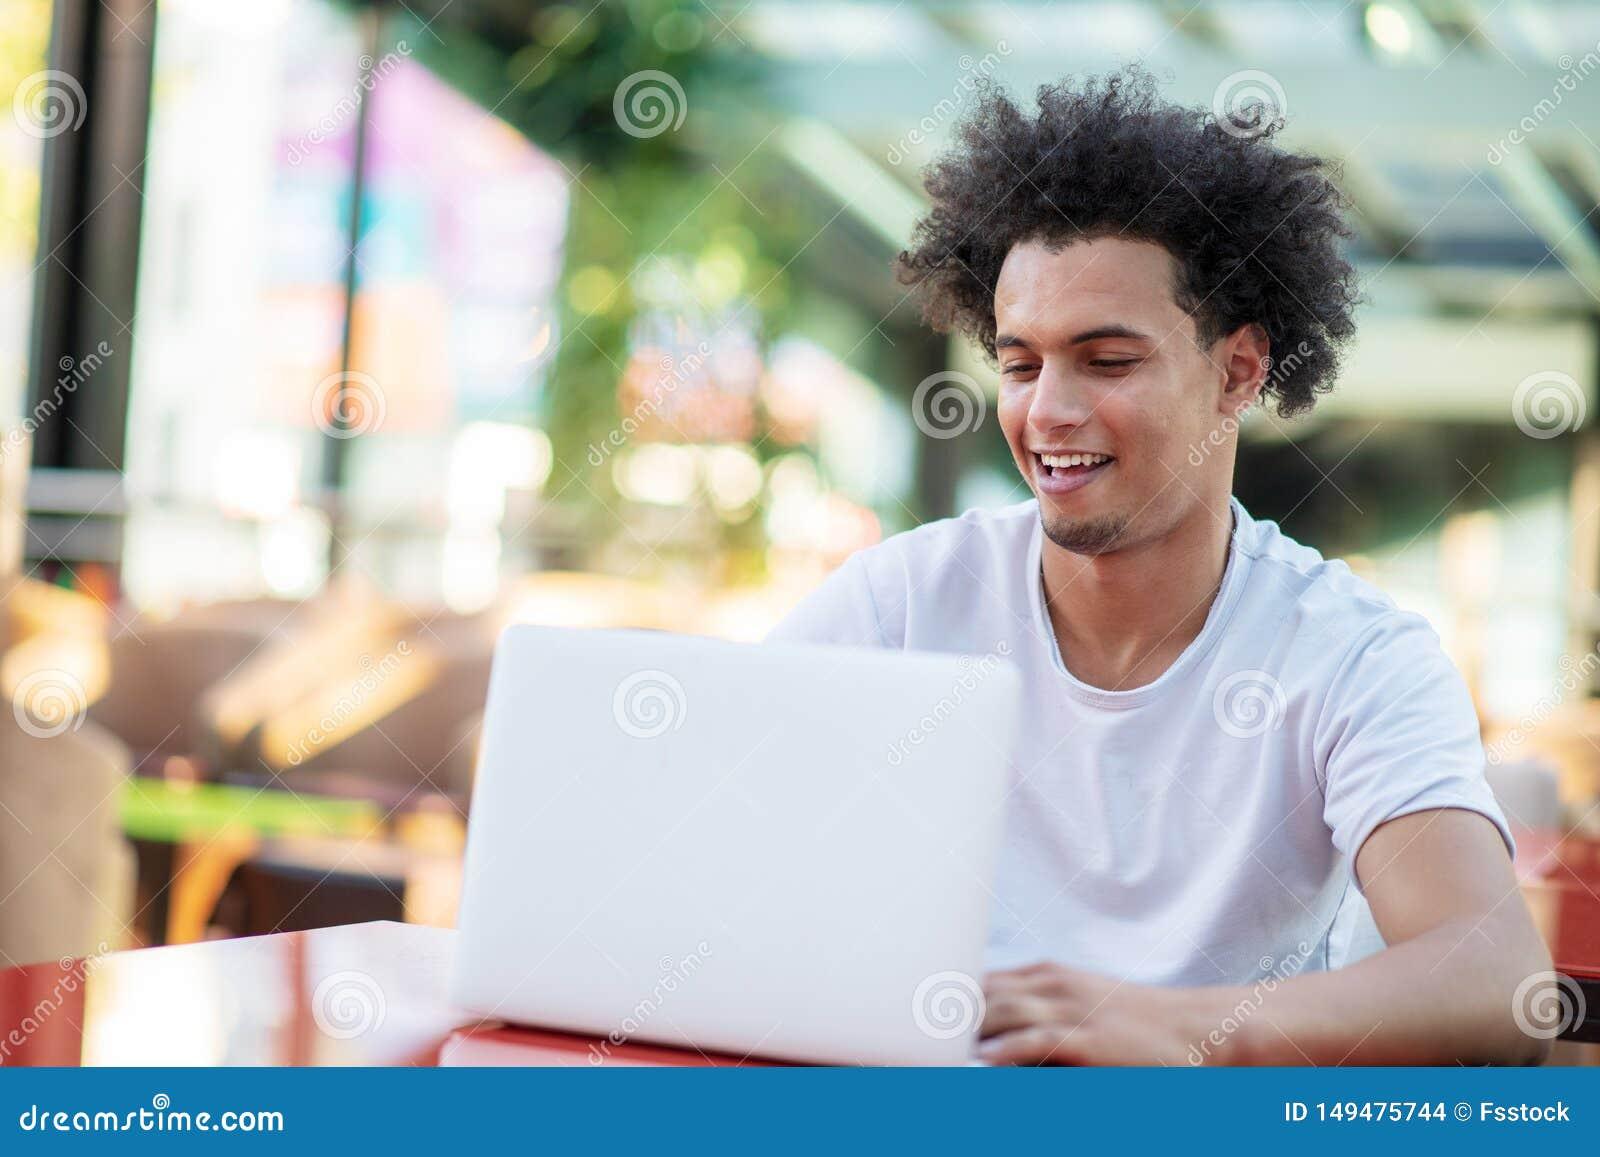 Zwyci?ski przystojny m??czyzna patrzeje jego laptop podczas gdy siedz?cy w jaskrawym ?ywym pokoju